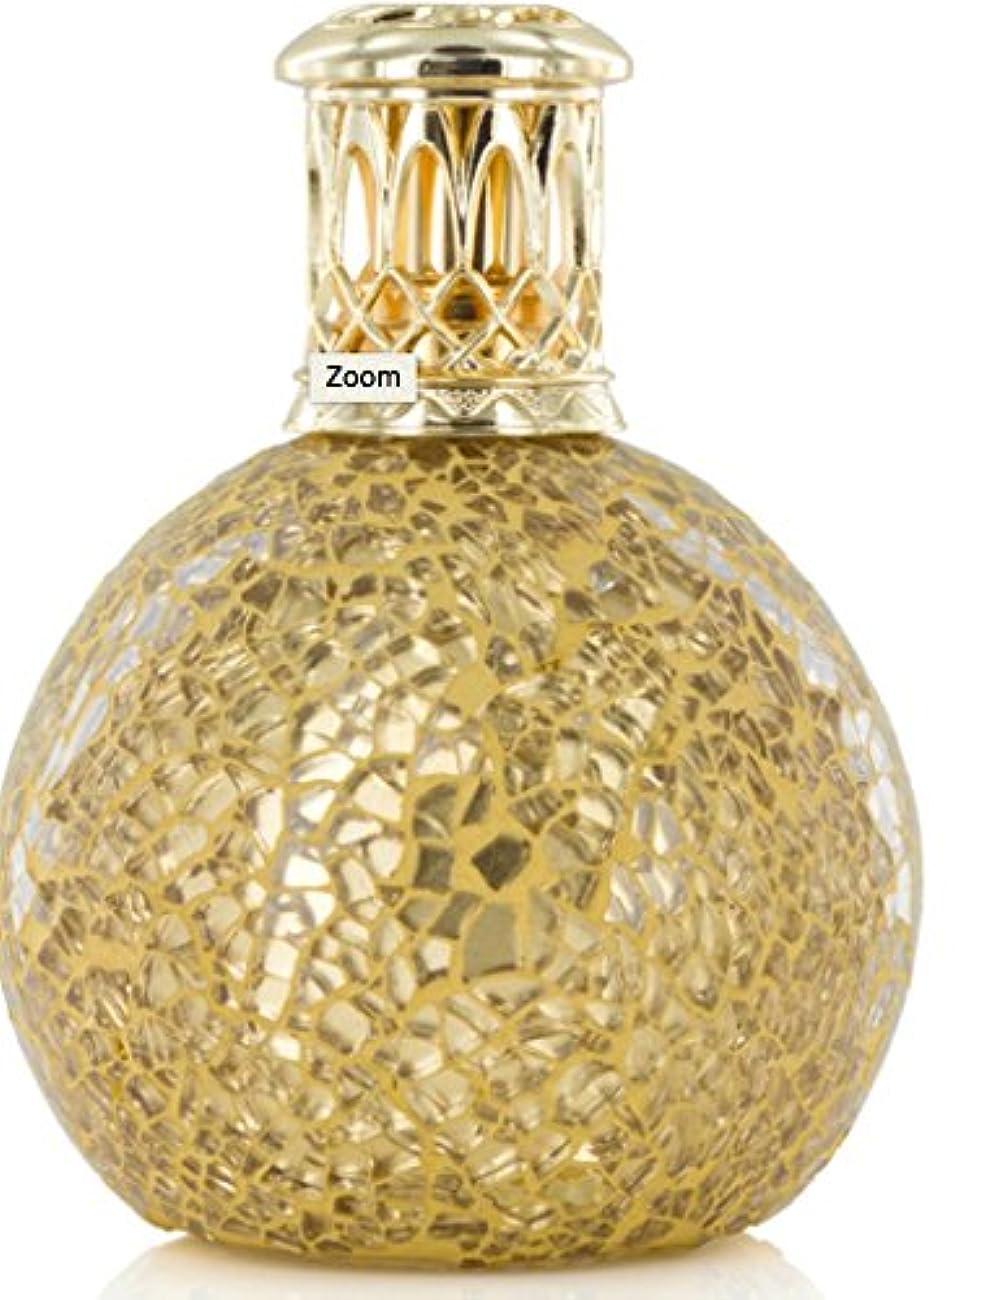 レオナルドダ倫理的有益なAshleigh&Burwood フレグランスランプ S ゴールデンオーブ FragranceLamps sizeS GoldenOrb アシュレイ&バーウッド